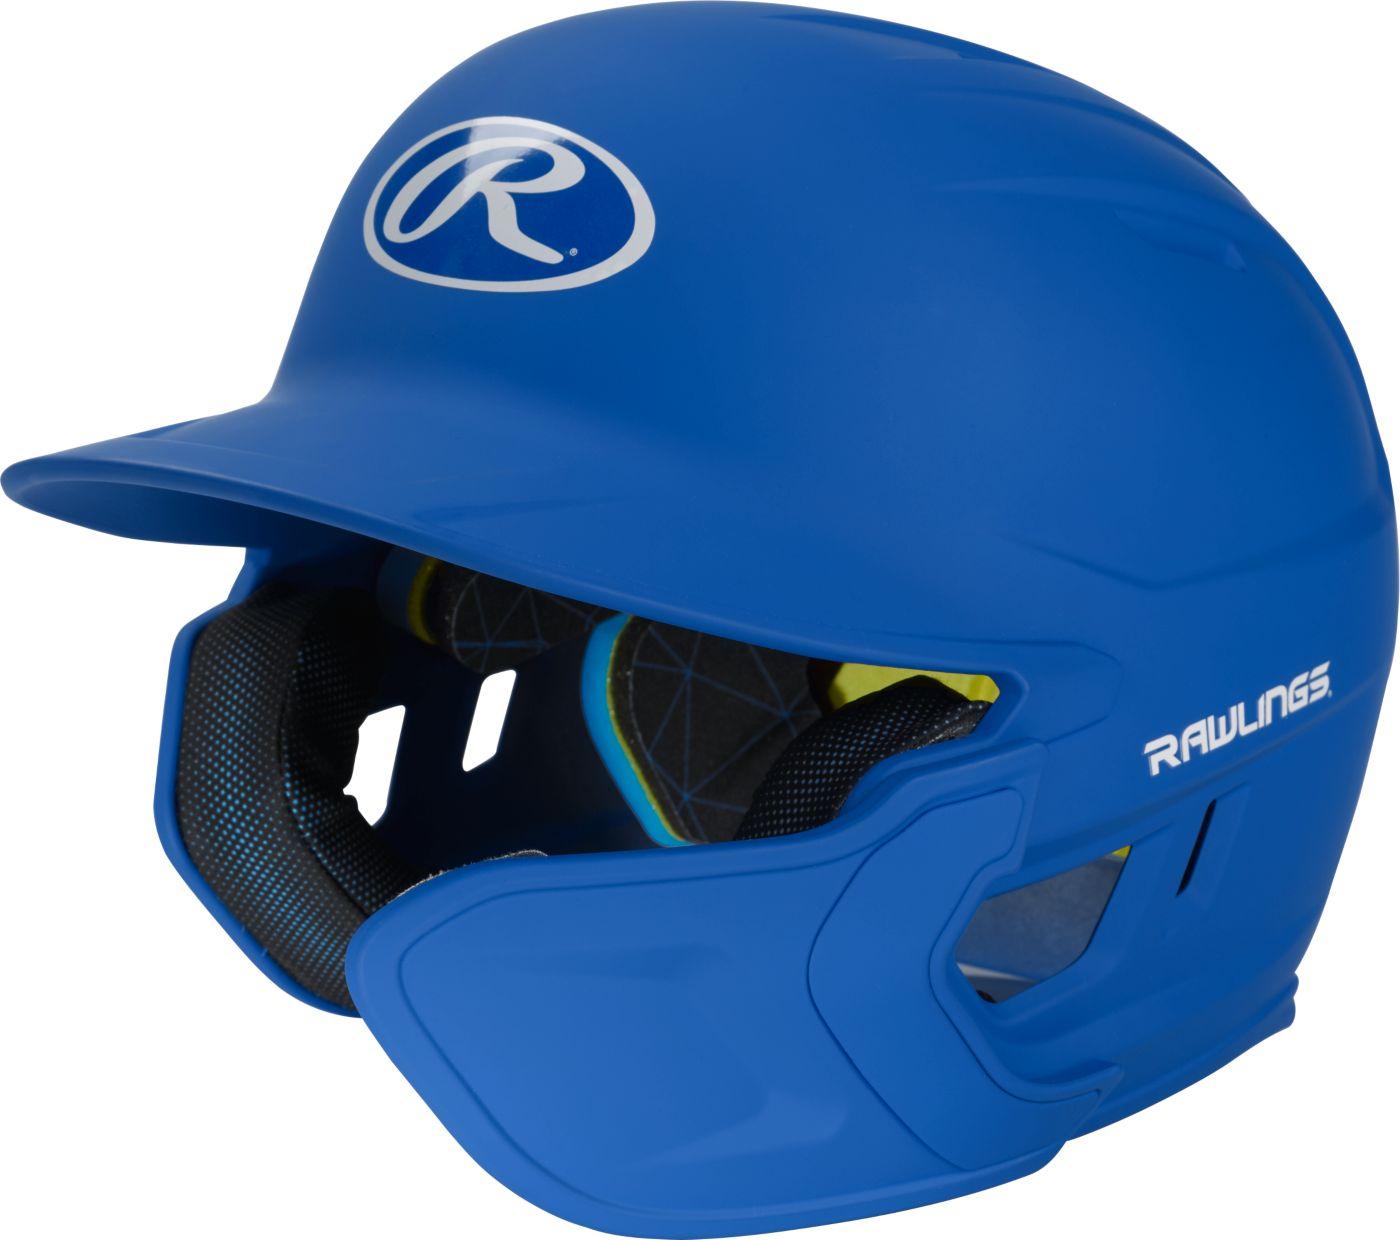 Rawlings Youth MACH Batting Helmet w/ Jaw Flap